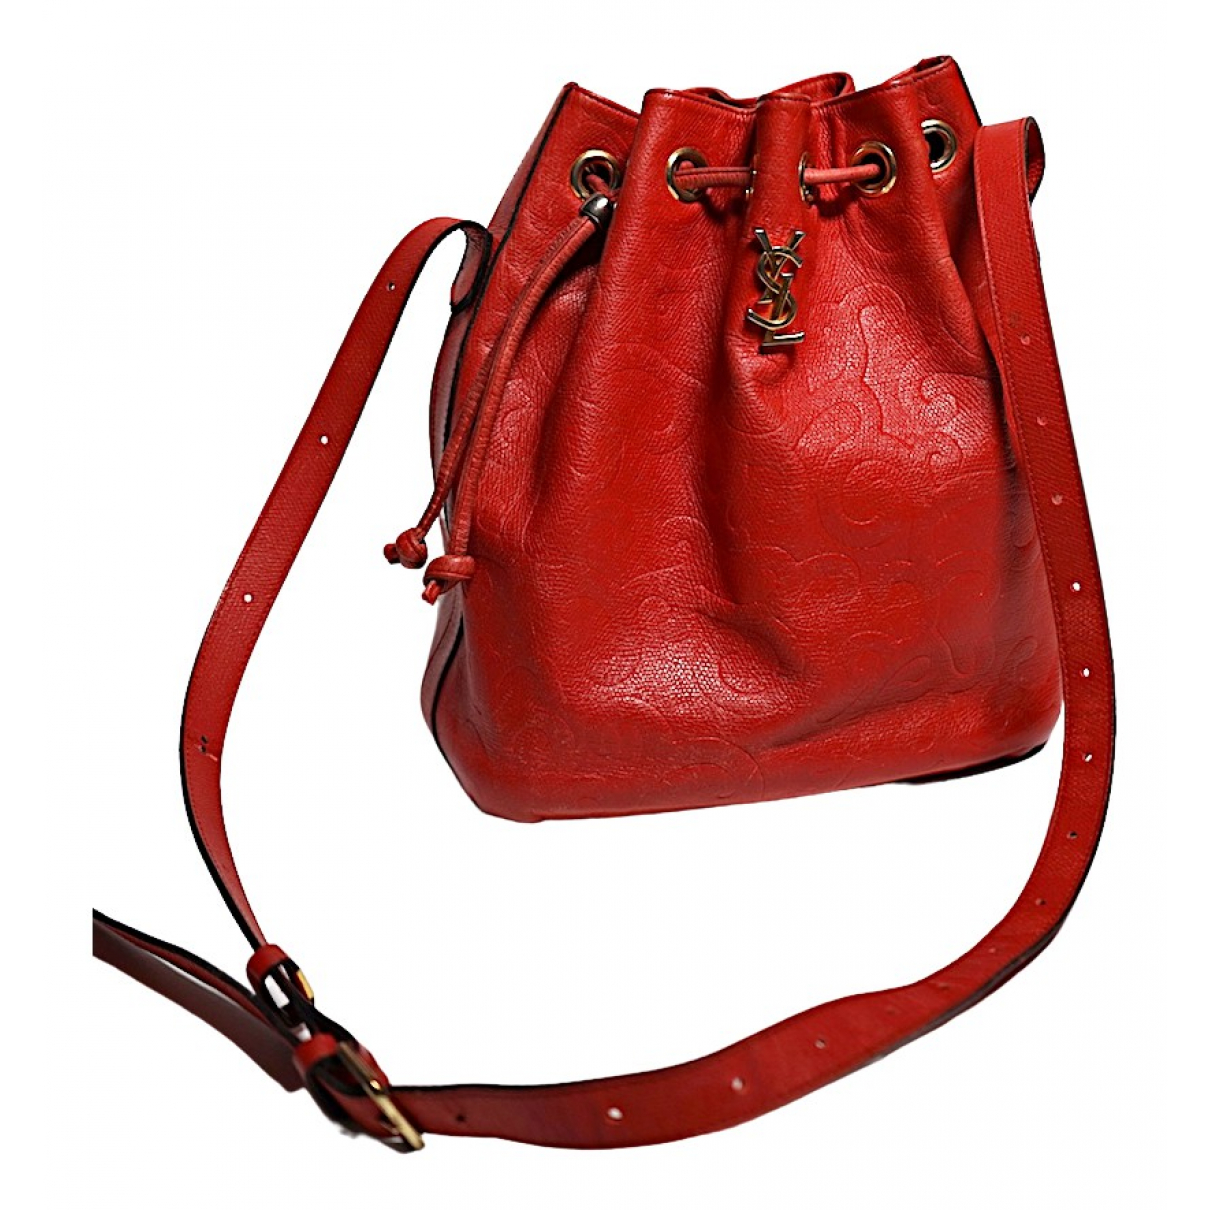 Yves Saint Laurent \N Handtasche in  Rot Leder